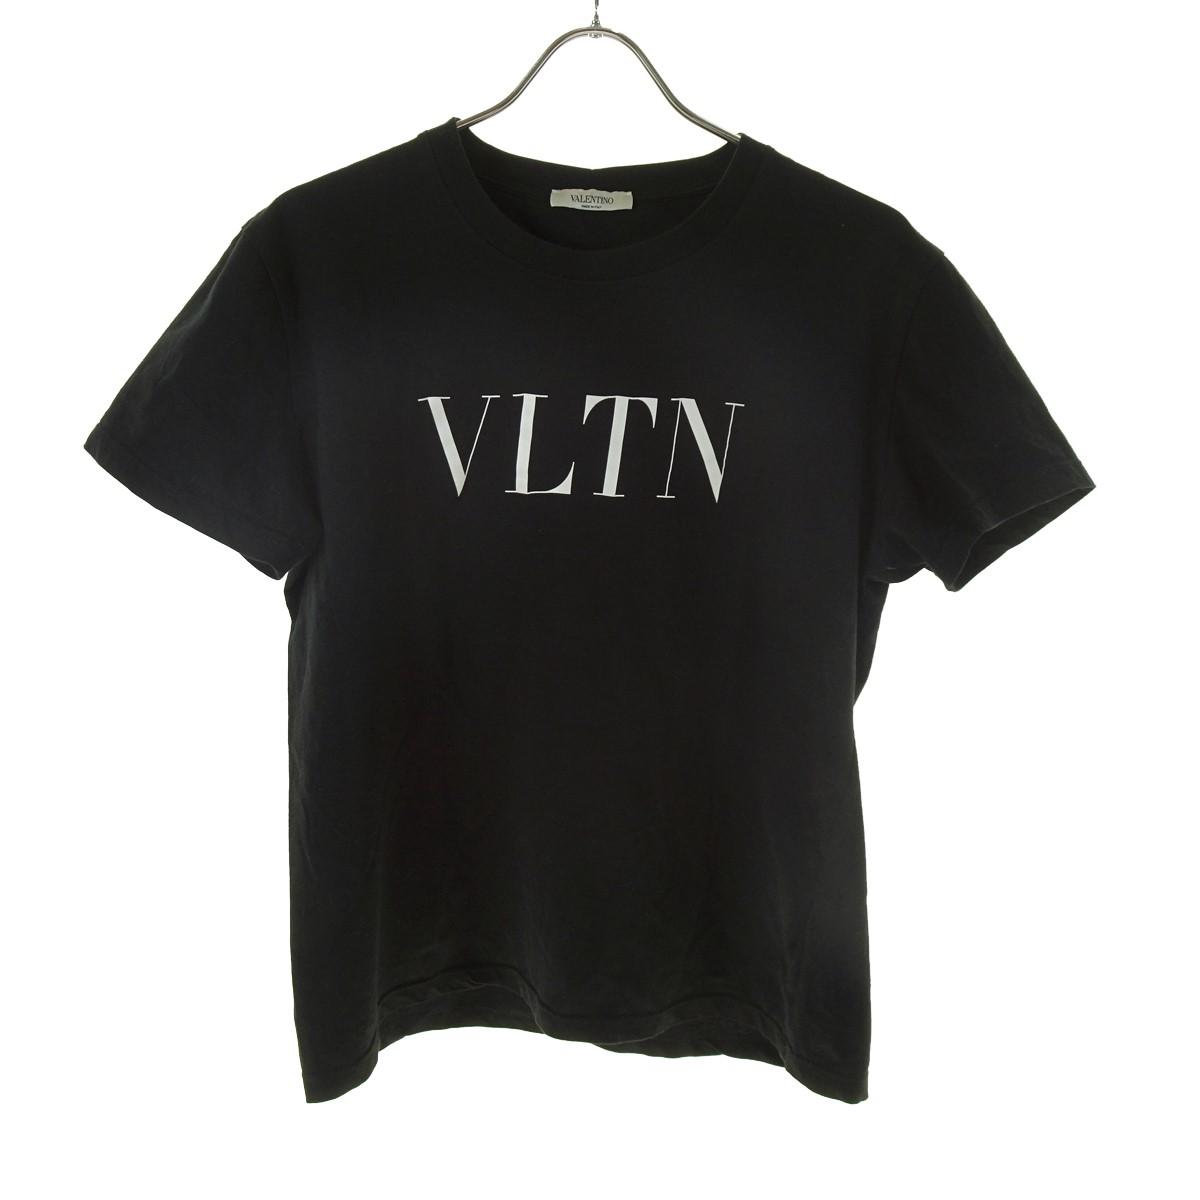 【中古】VALENTINO VLTN ロゴTシャツ ブラック サイズ:S 【030520】(ヴァレンチノ)